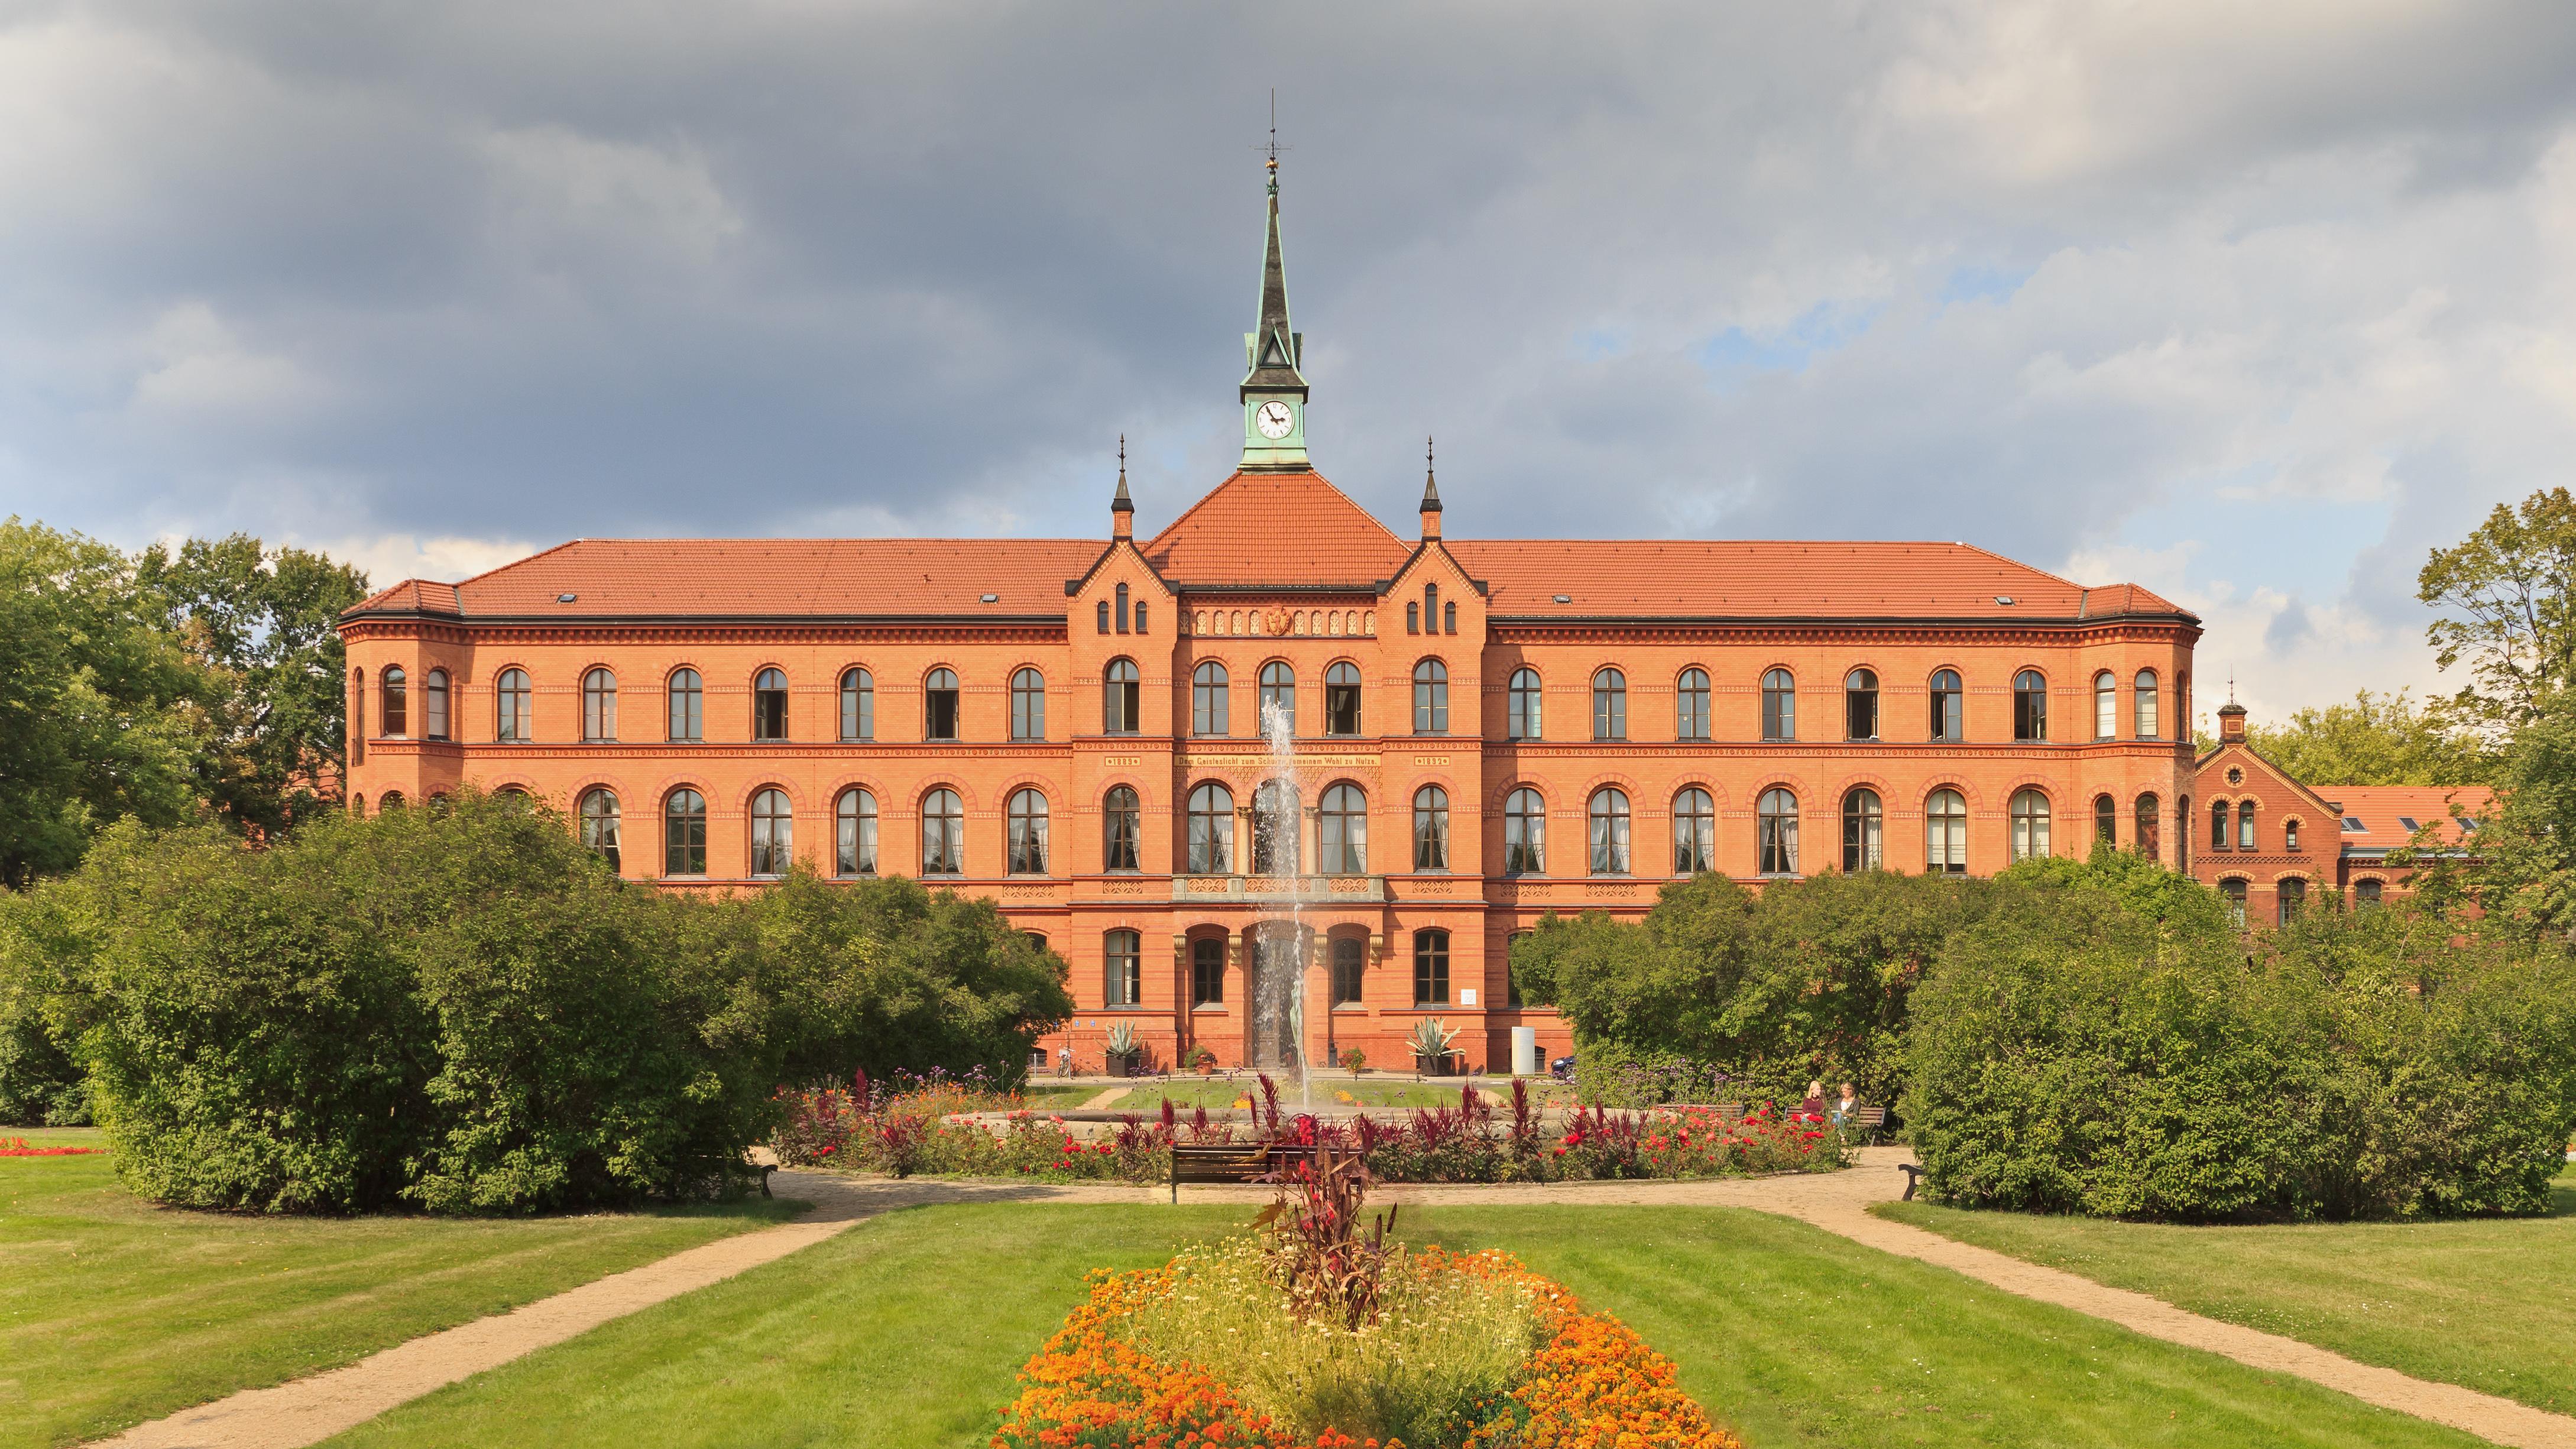 Evangelisches Krankenhaus Königin Elisabeth Herzberge Wikipedia